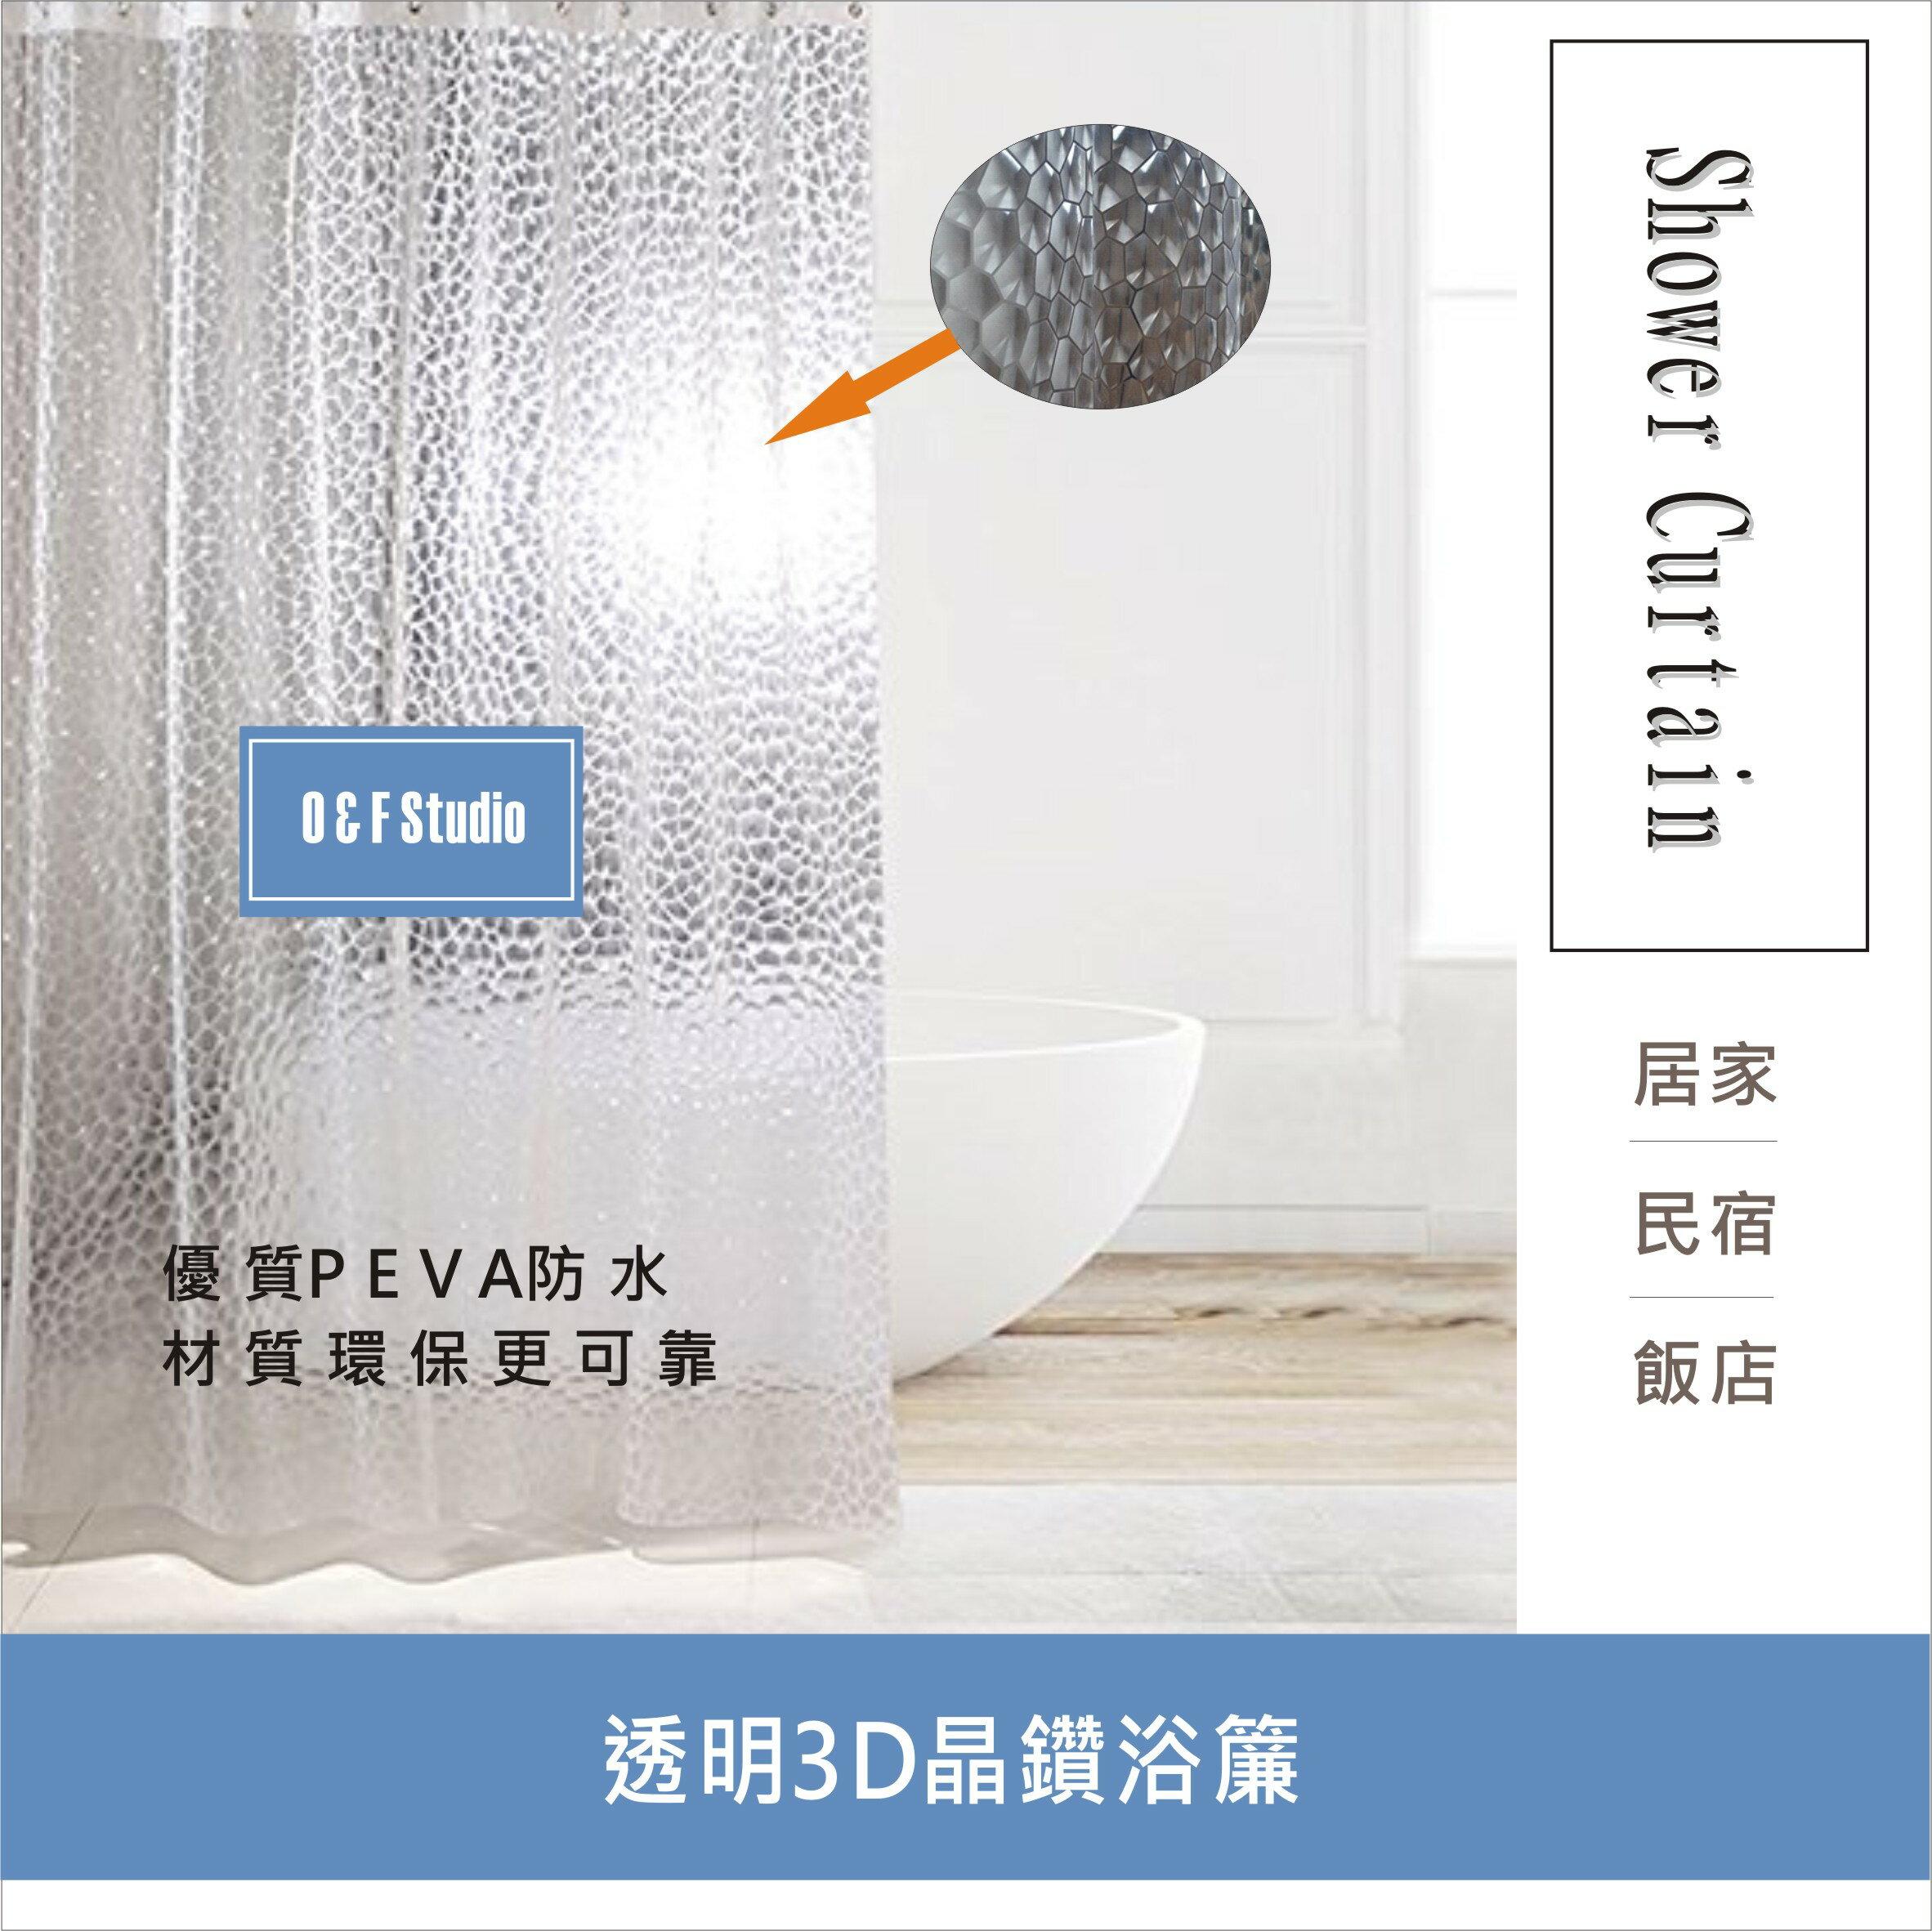 透明3D晶鑚浴簾 180X200CM 環保EVA水立方隔間用簾 底部加鉛加重 附12個加粗掛勾 門簾 窗簾【居家達人-A243】